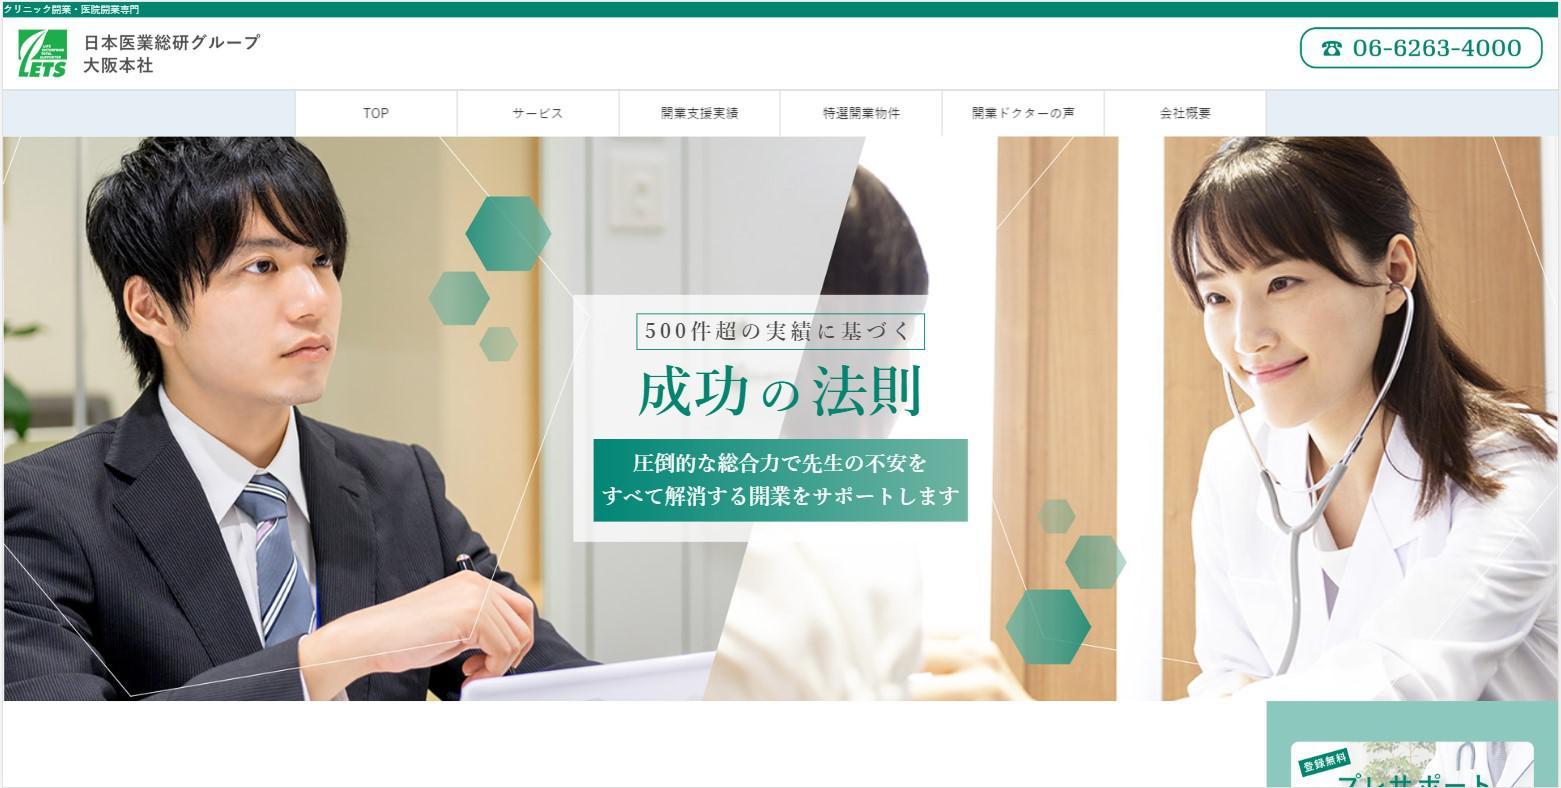 株式会社 日本医業総研パソコン版